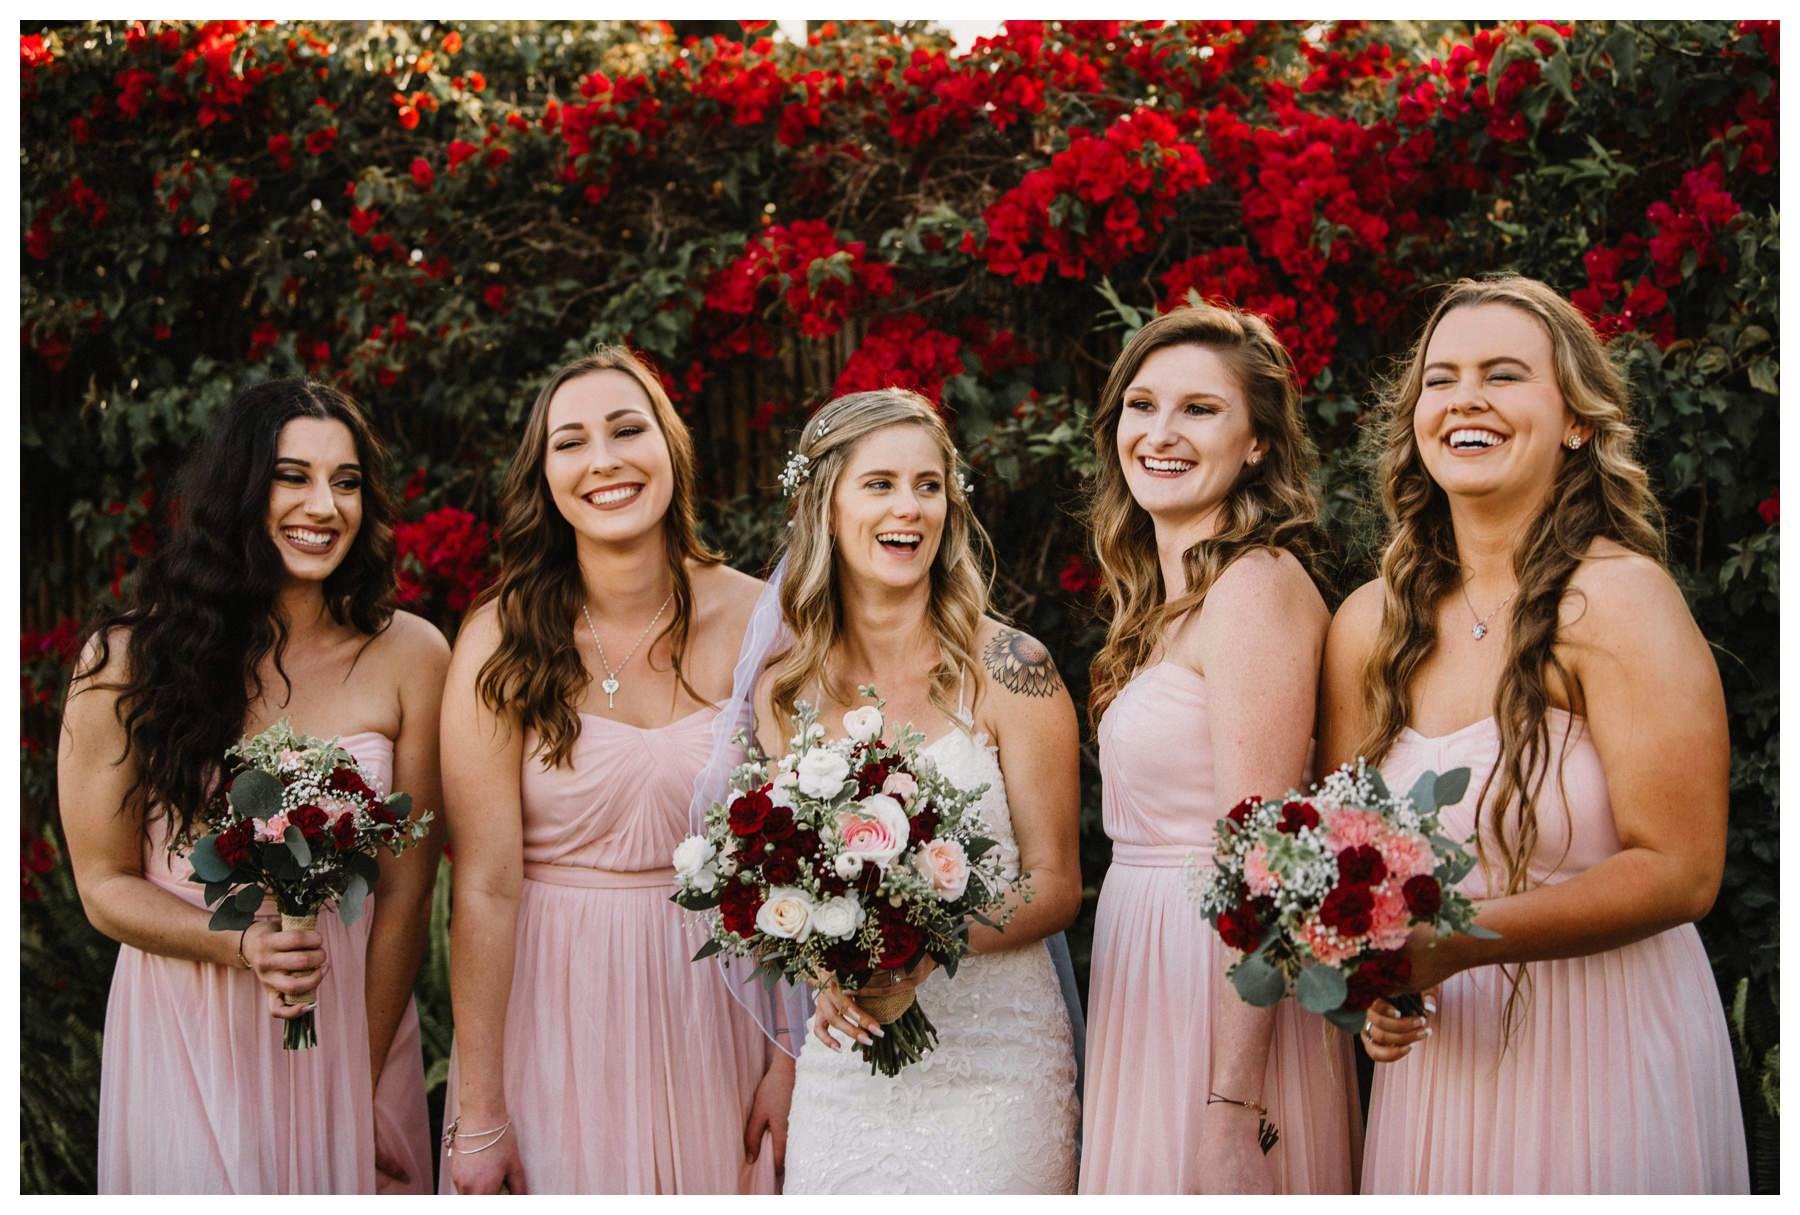 Coronado_Beach_Wedding_Singler_Photography_0035.jpg